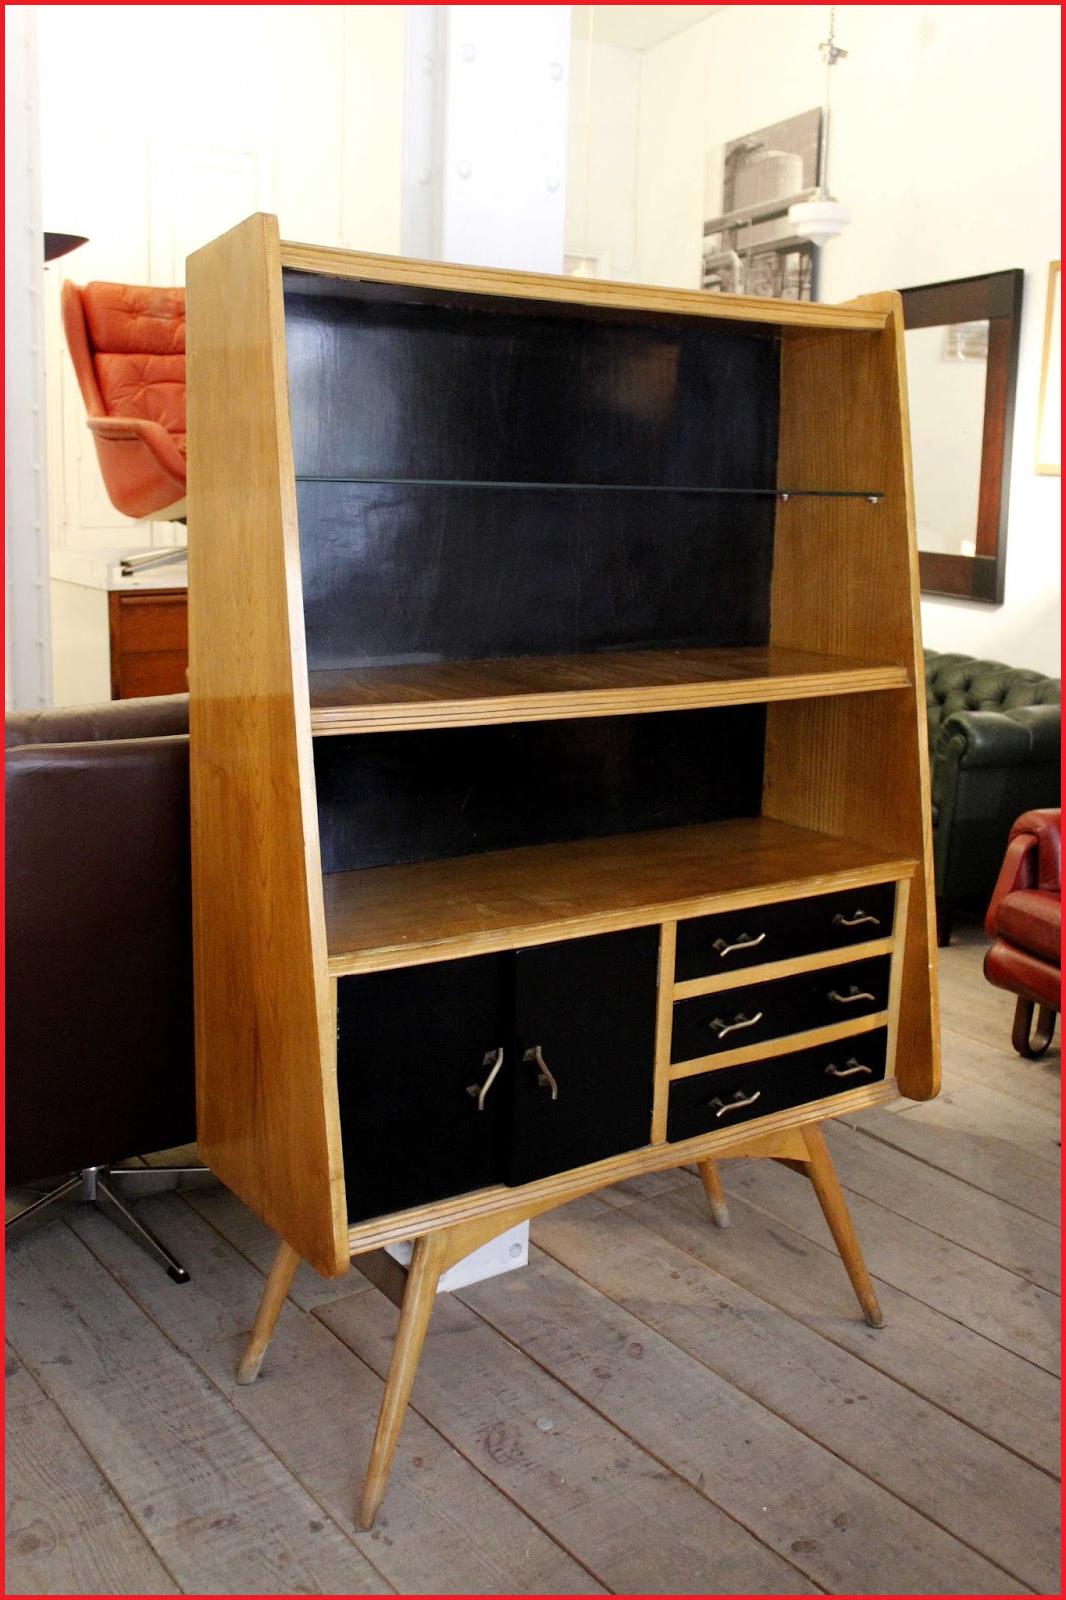 Compro Muebles H9d9 Pro Muebles Usados Lujo Prar Muebles En Lnea Escandinavo